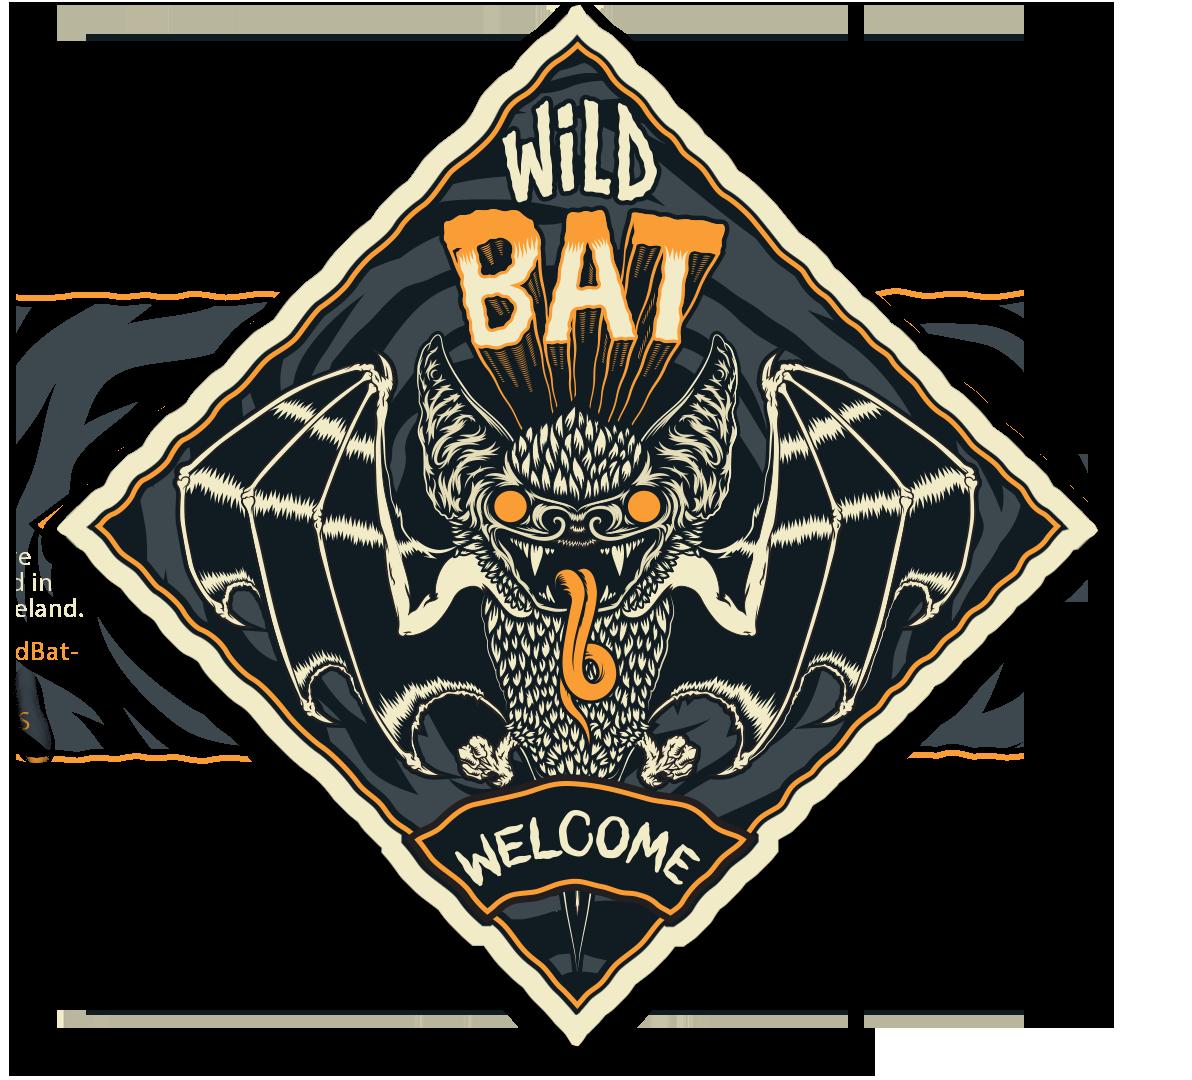 Wild Bat